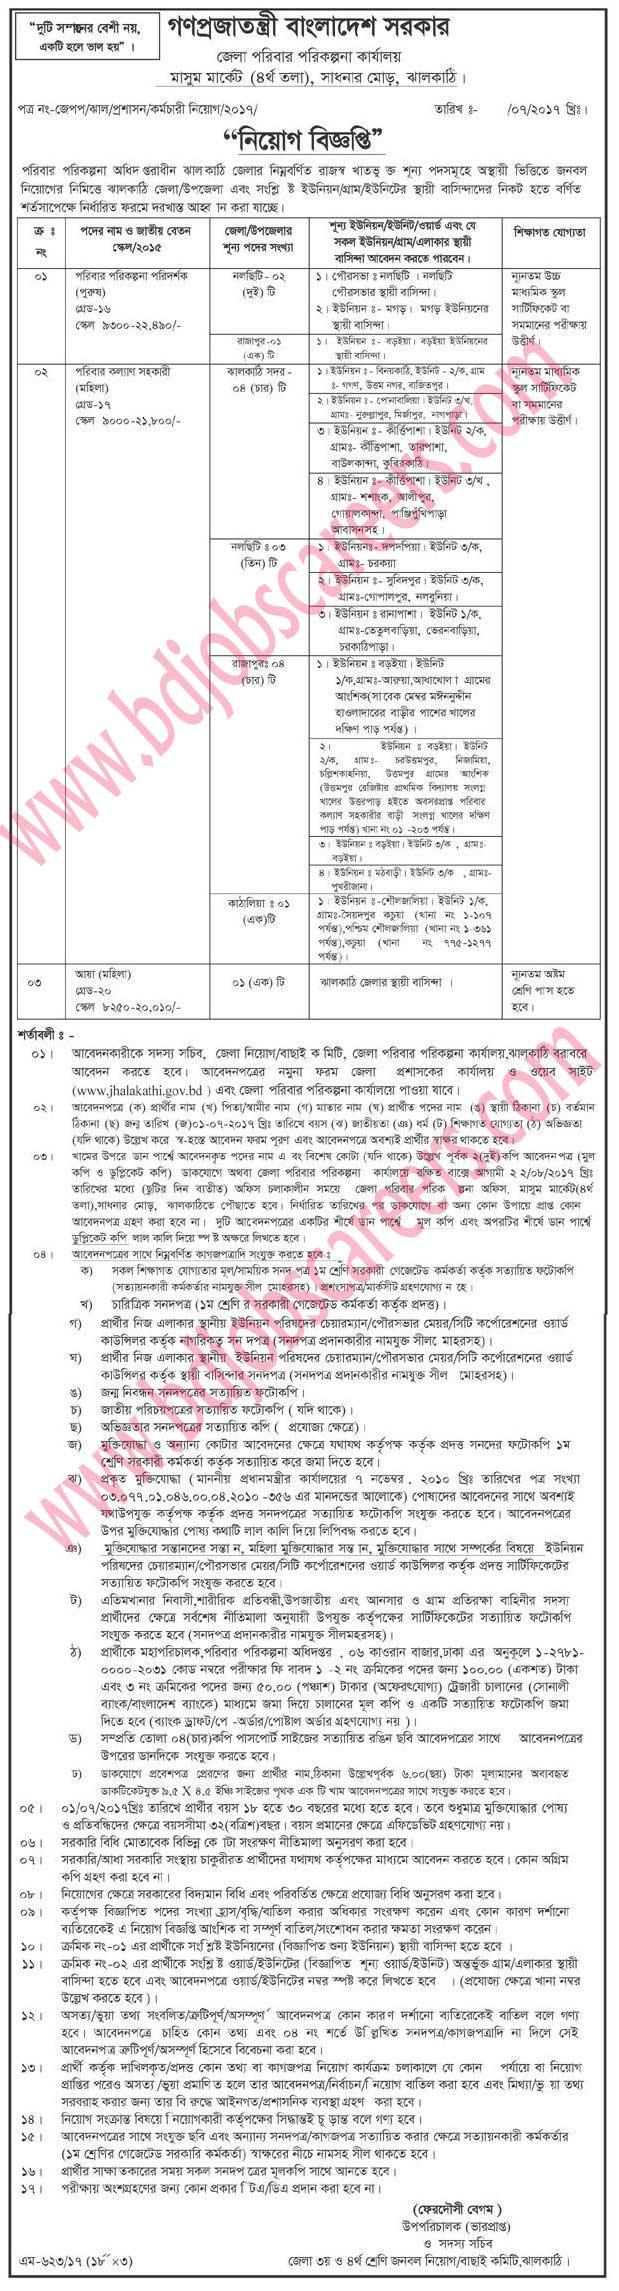 Jhalakathi District Family Planning Office Job Circular 2017